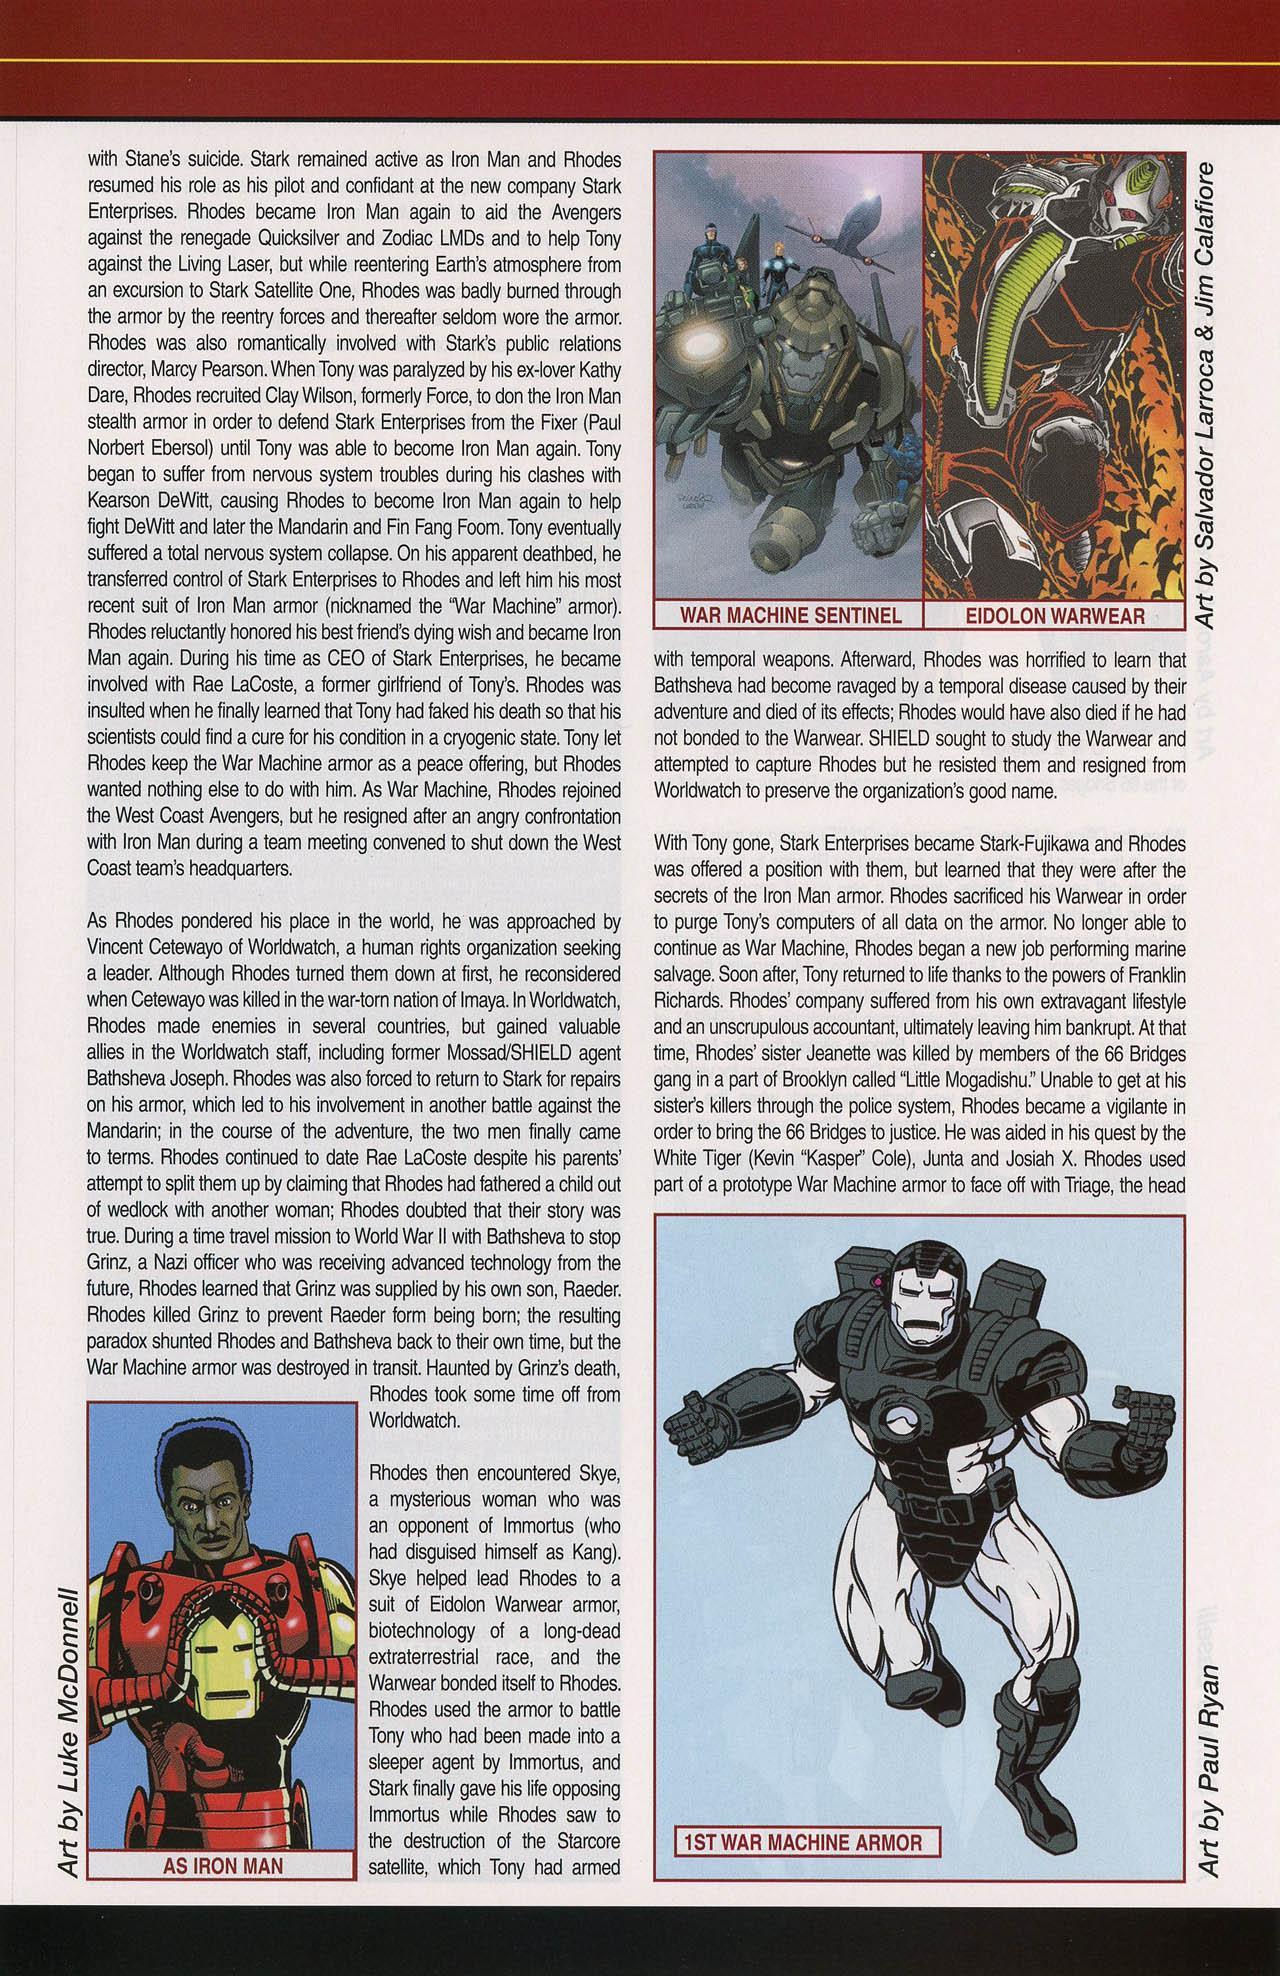 鋼鐵俠(Iron Man)的歷代盔甲都是怎樣的? - 知乎